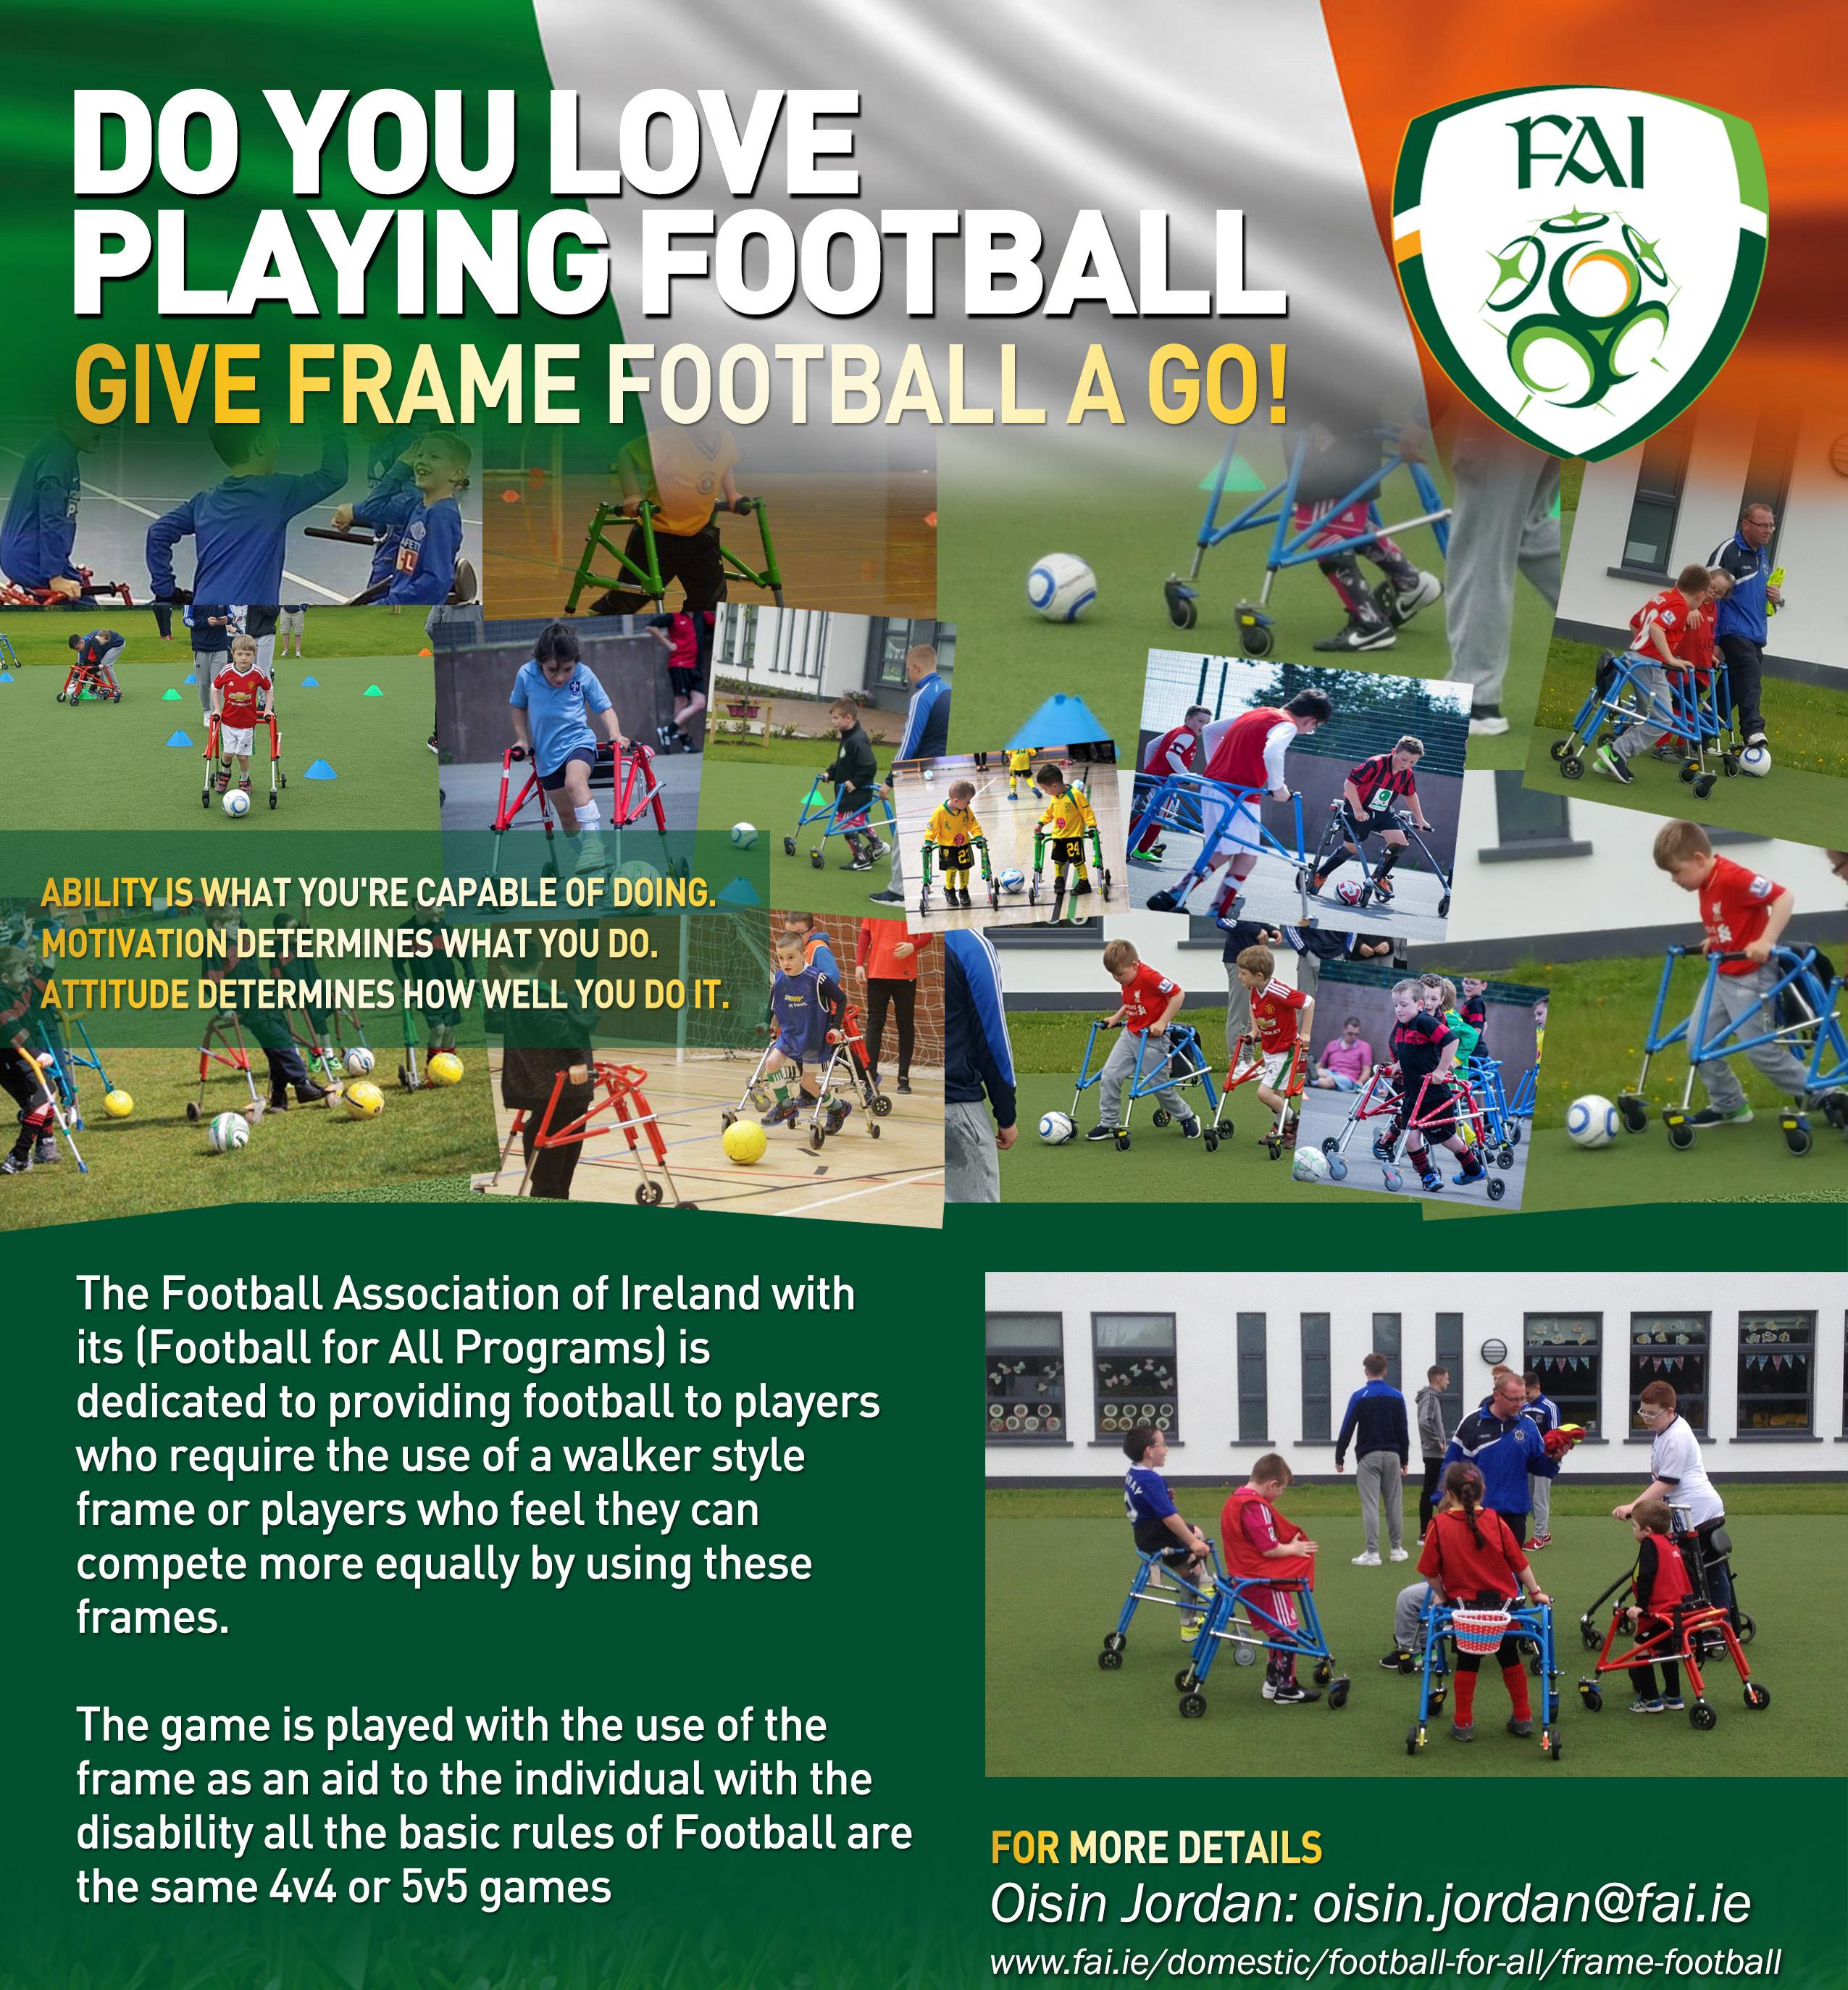 Give-Frame-Football-A-Go.jpg